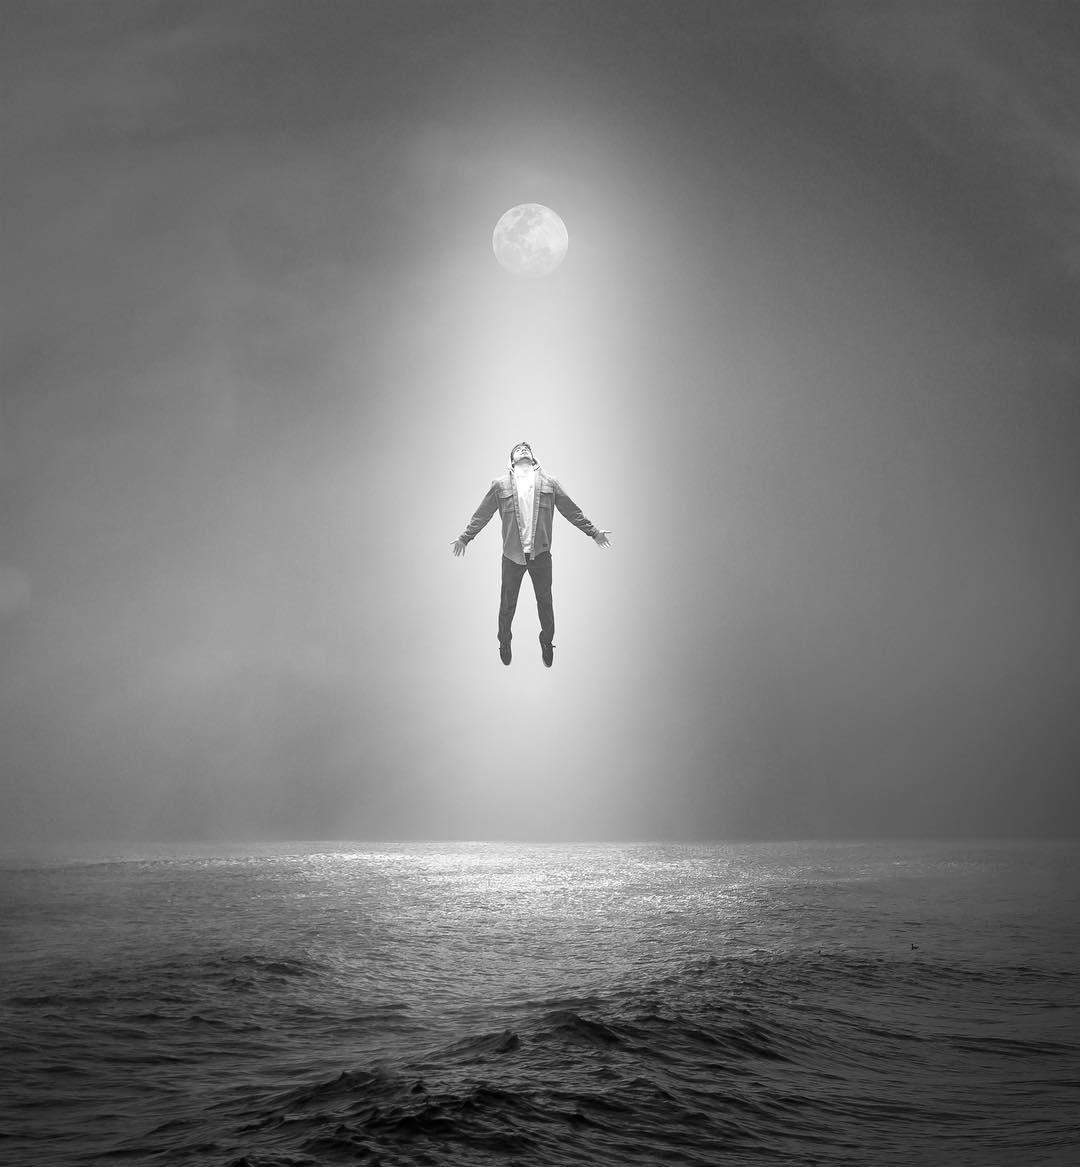 Заставки для телефона: сюрреалистические фотоманипуляции от Tim El-Helou